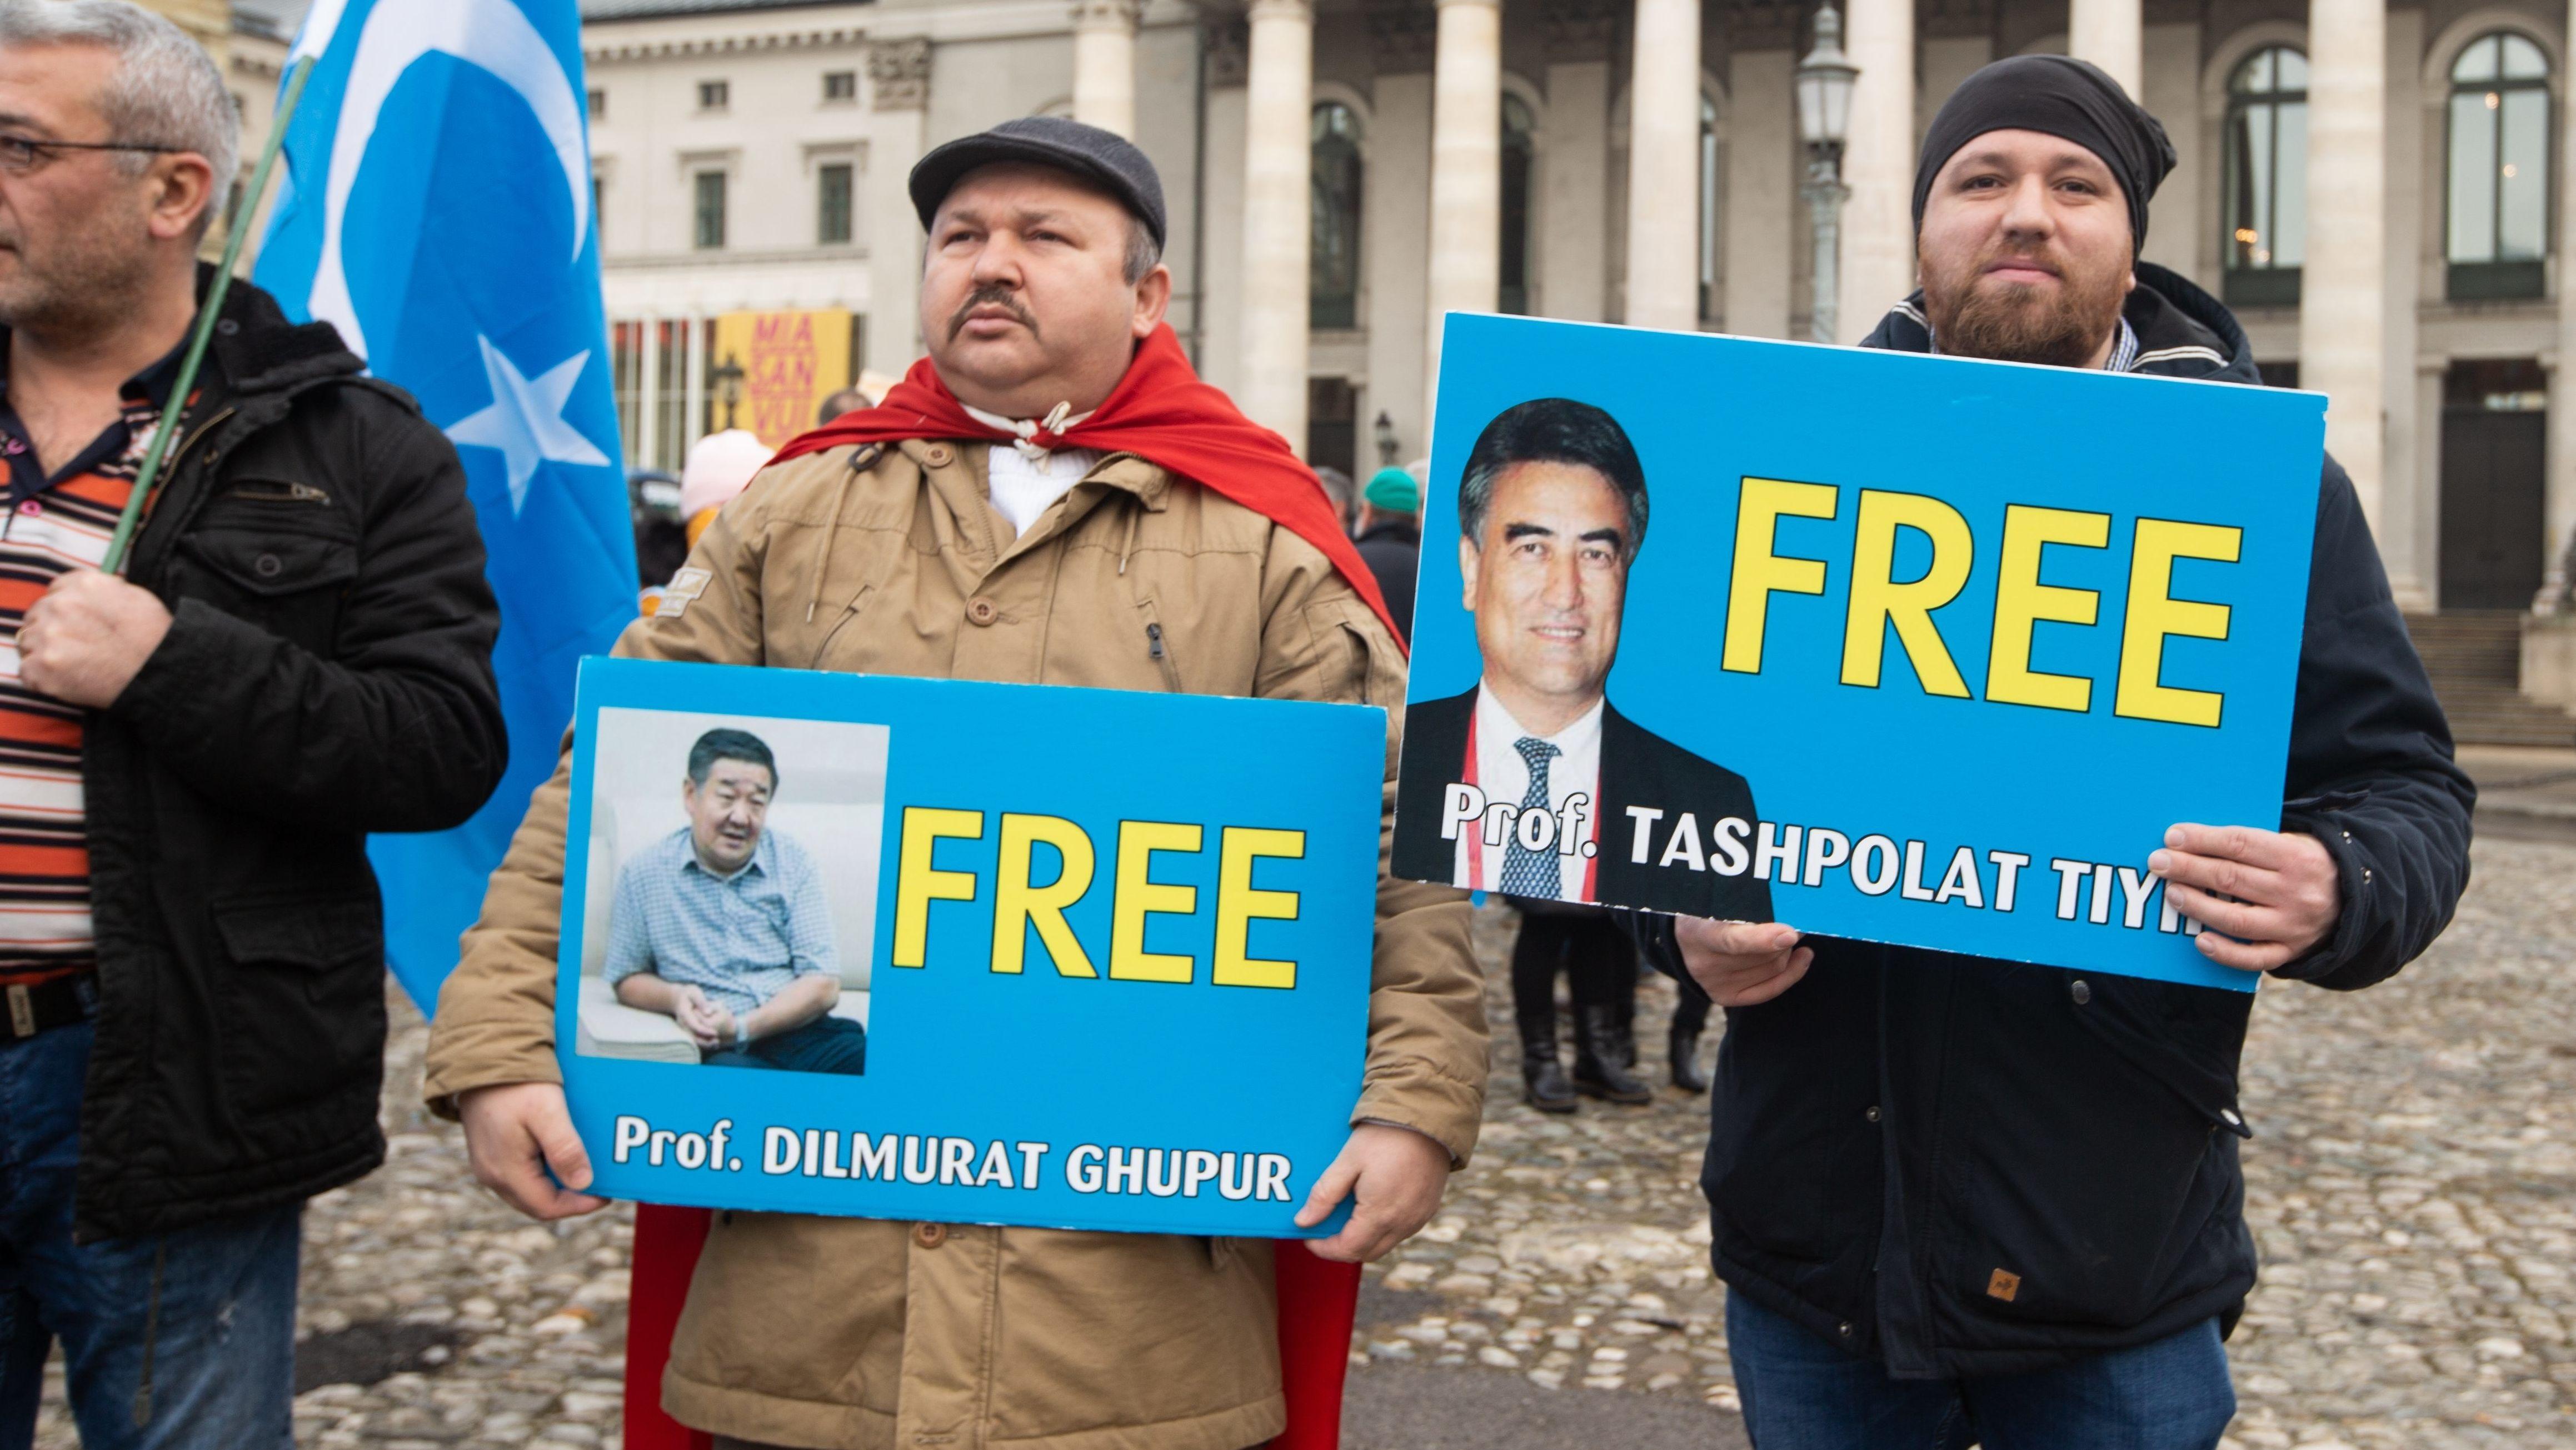 Uiguren protestieren in München, 2019, Zwei Männer halten Protestschilder.